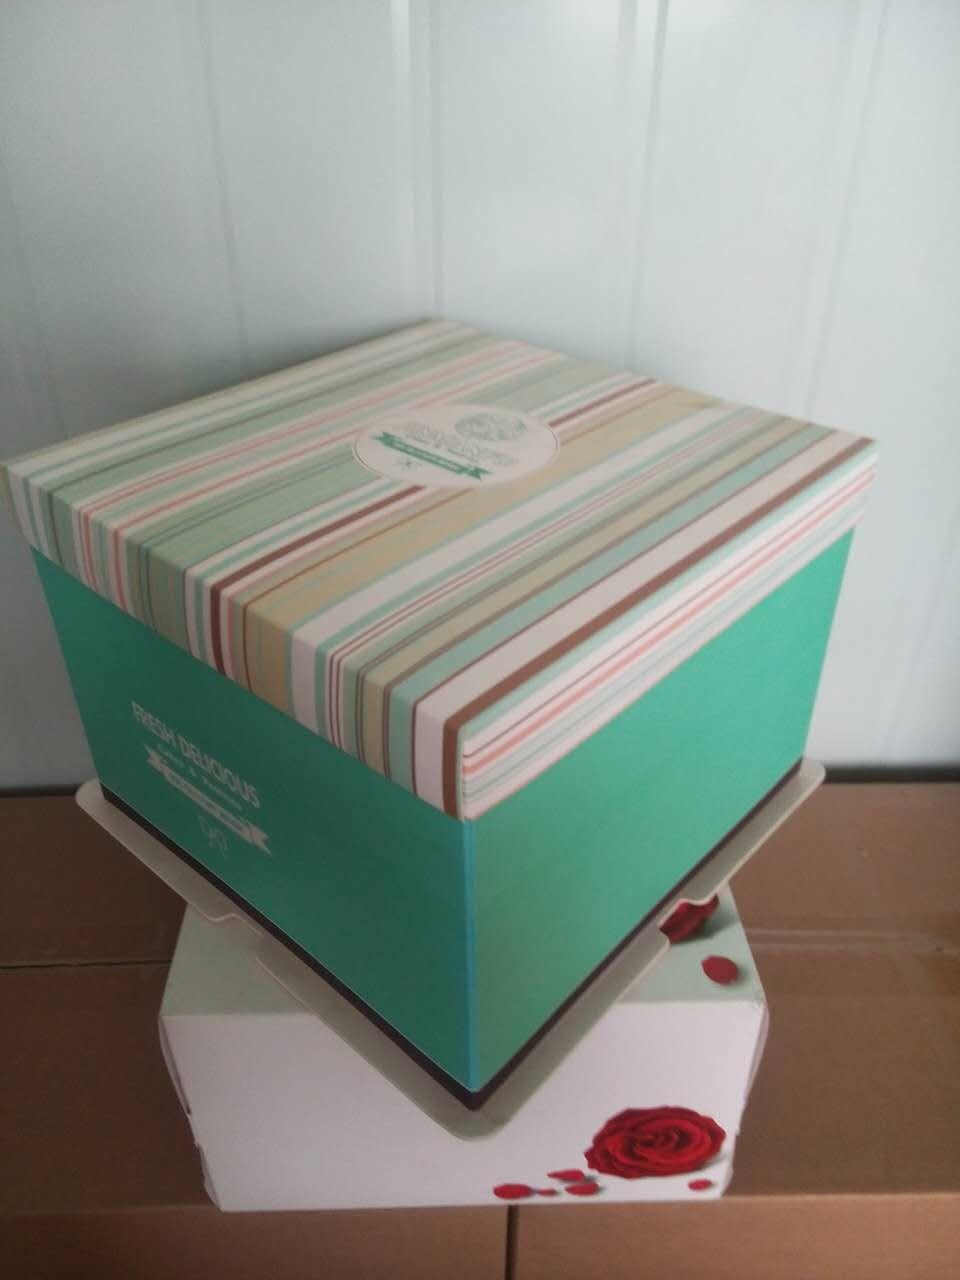 旧废纸箱手工制作圣诞蛋糕